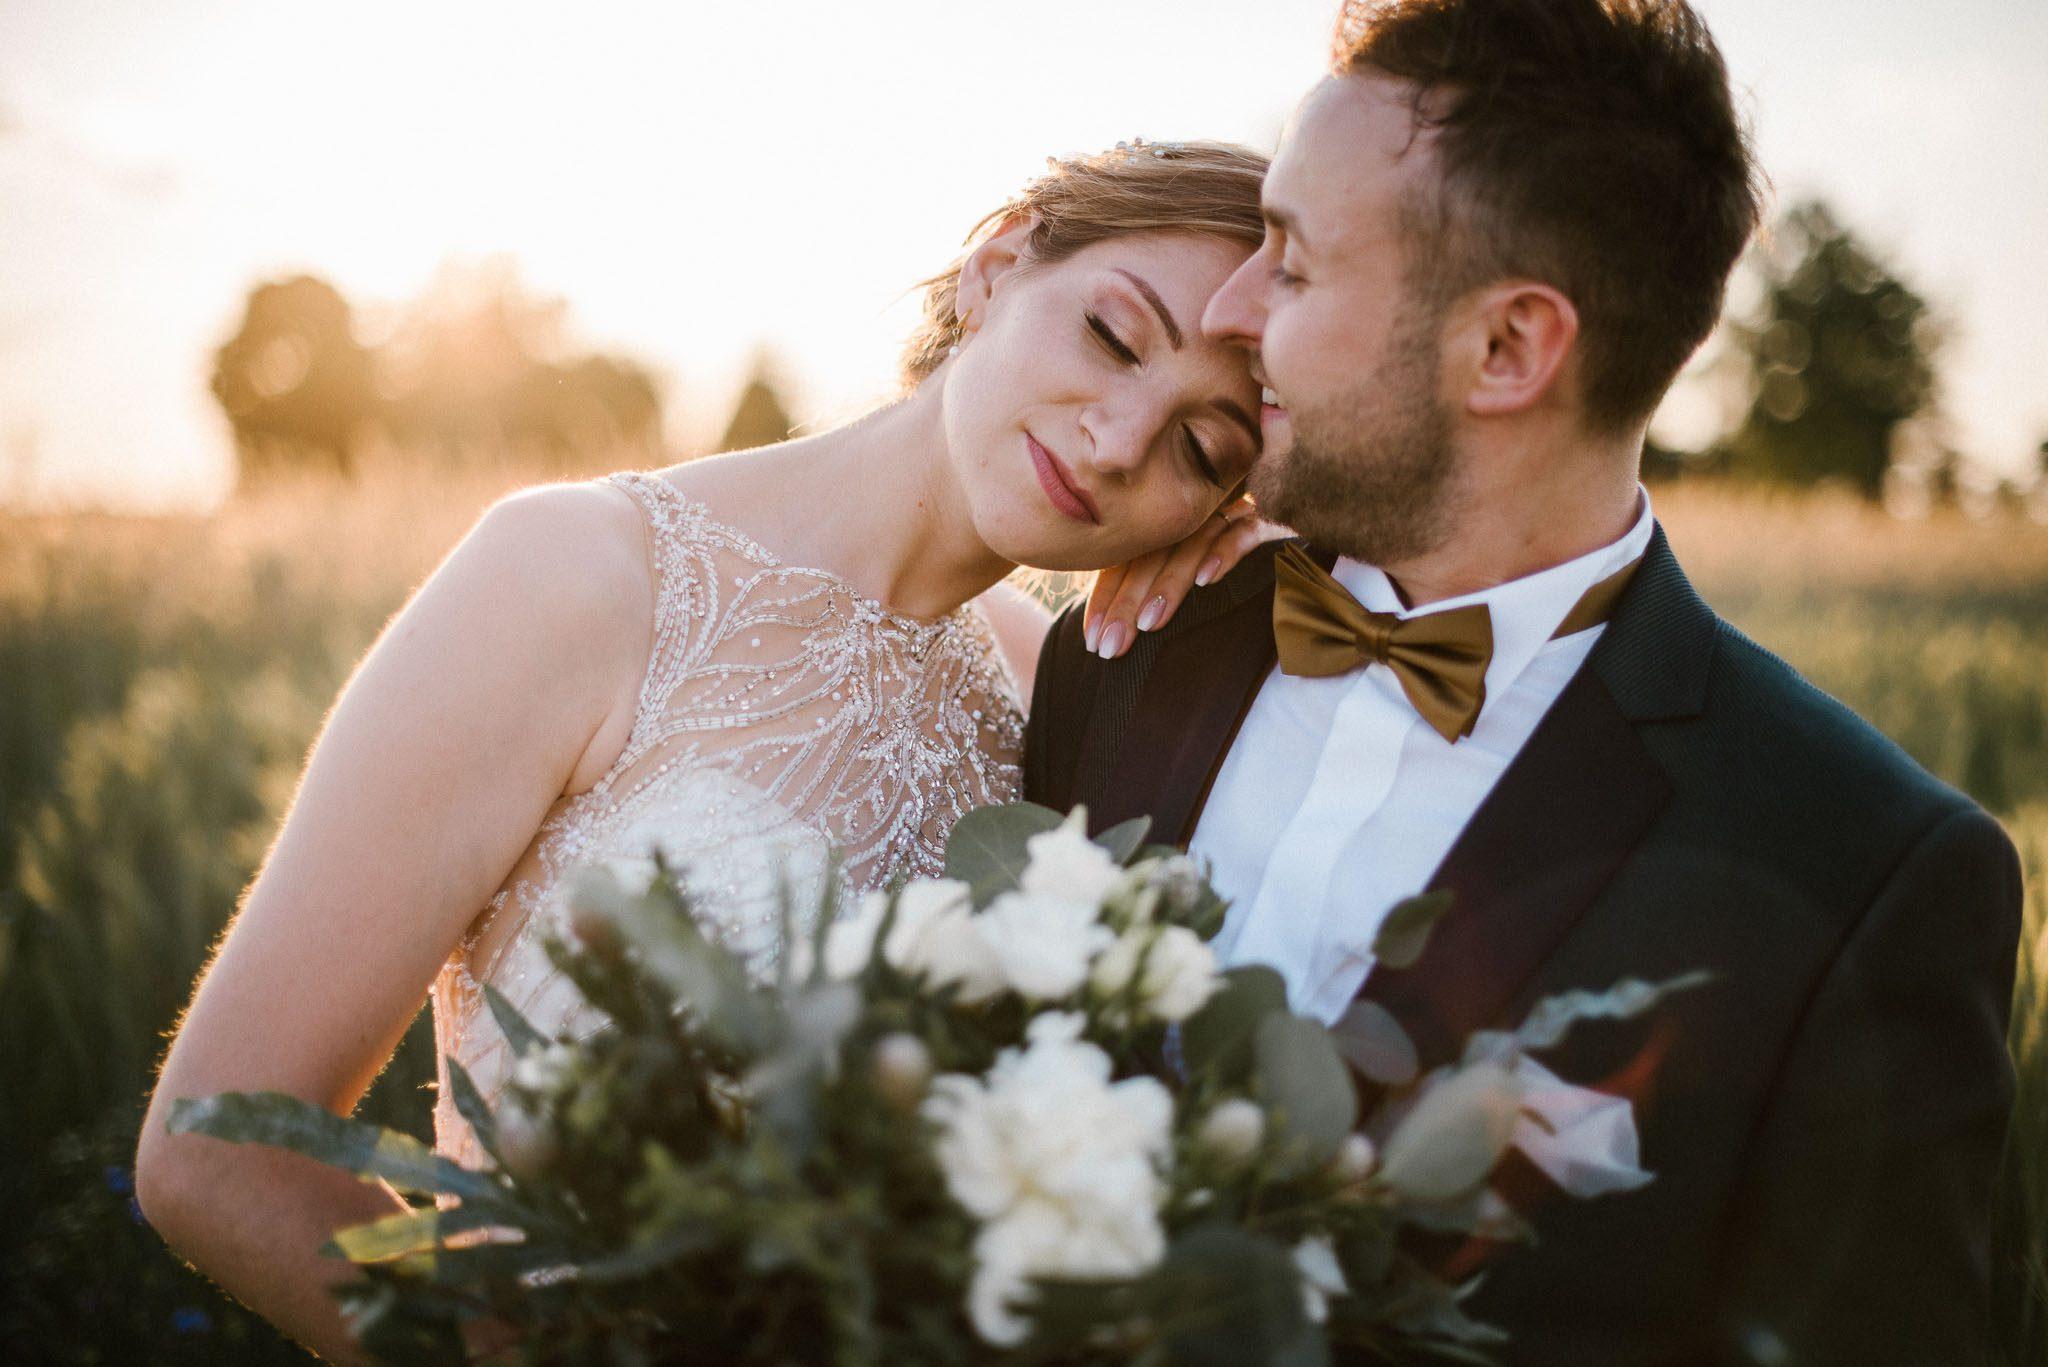 Panna młoda przytula się do pana młodego - sesja ślubna w plenerze Stodoła Bojanowo